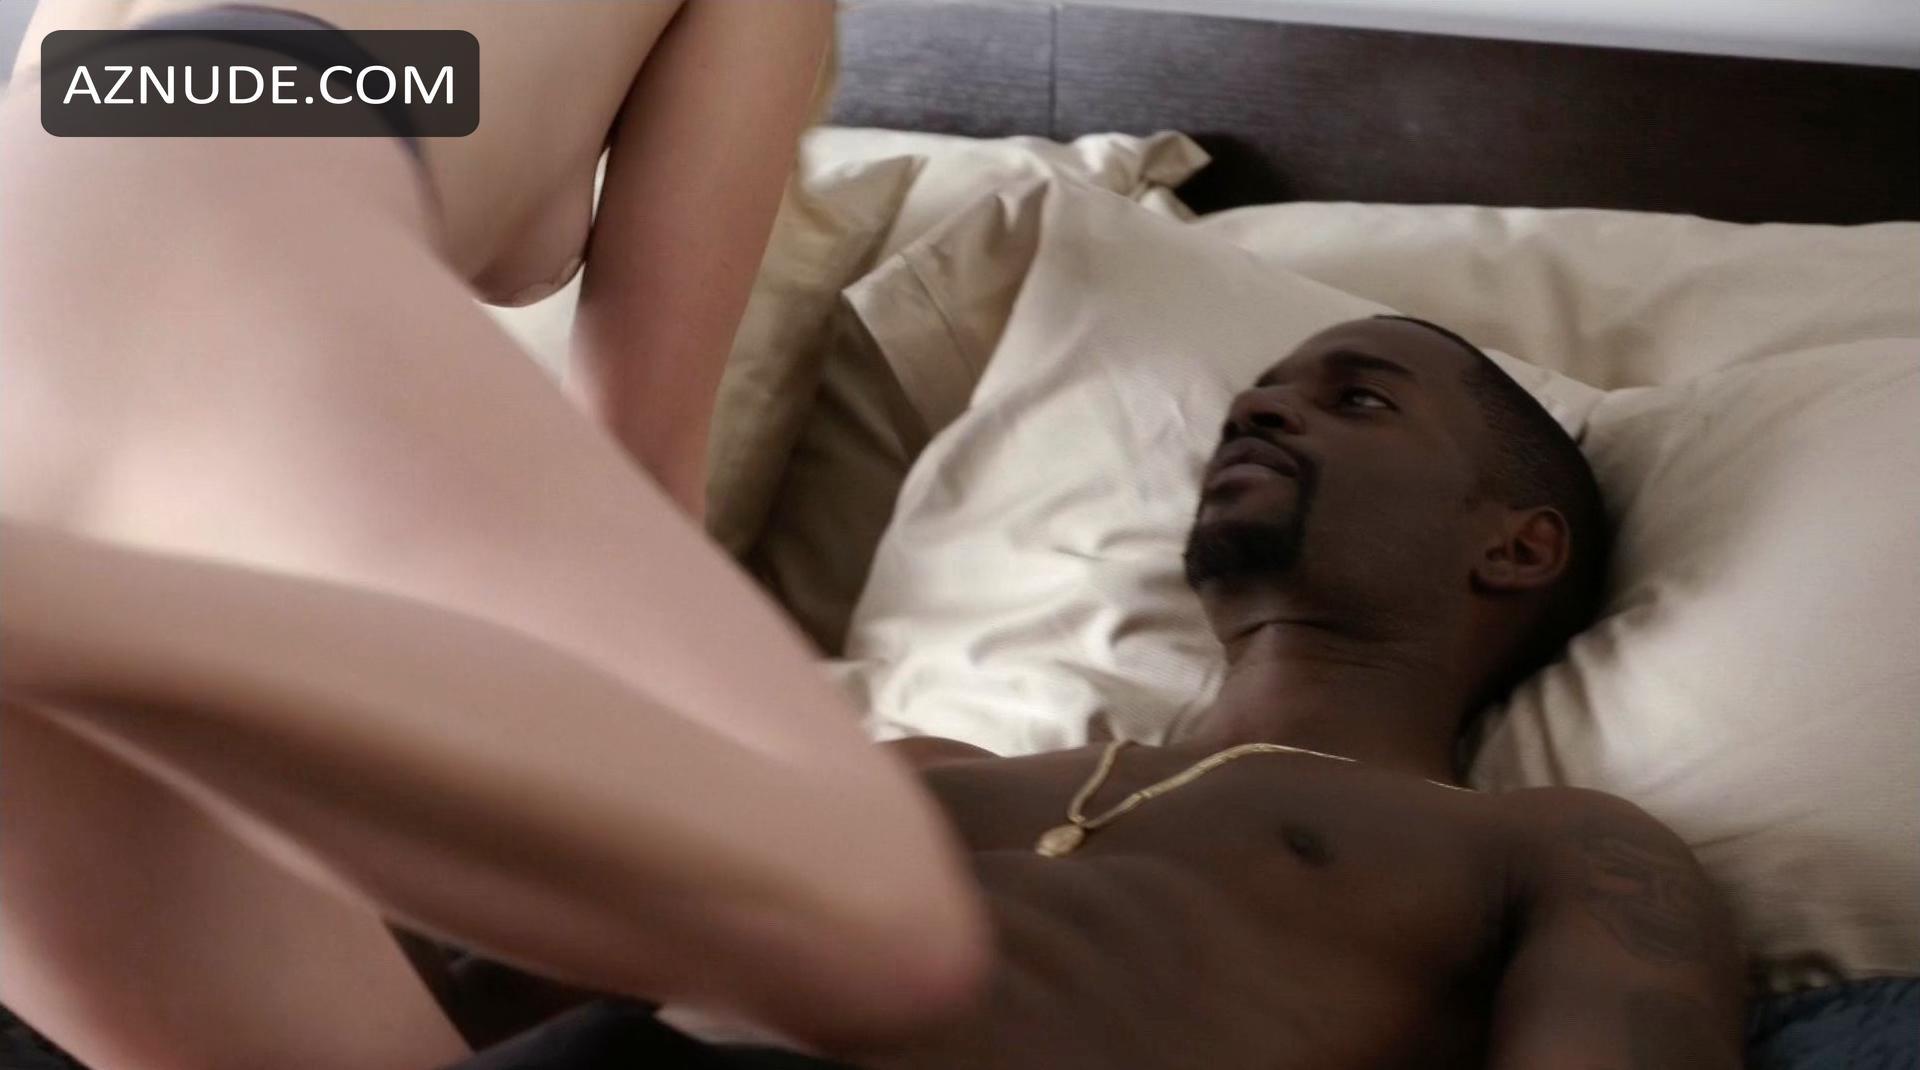 Cindy Ambuehl Nude Amazing molly mccook nude - aznude